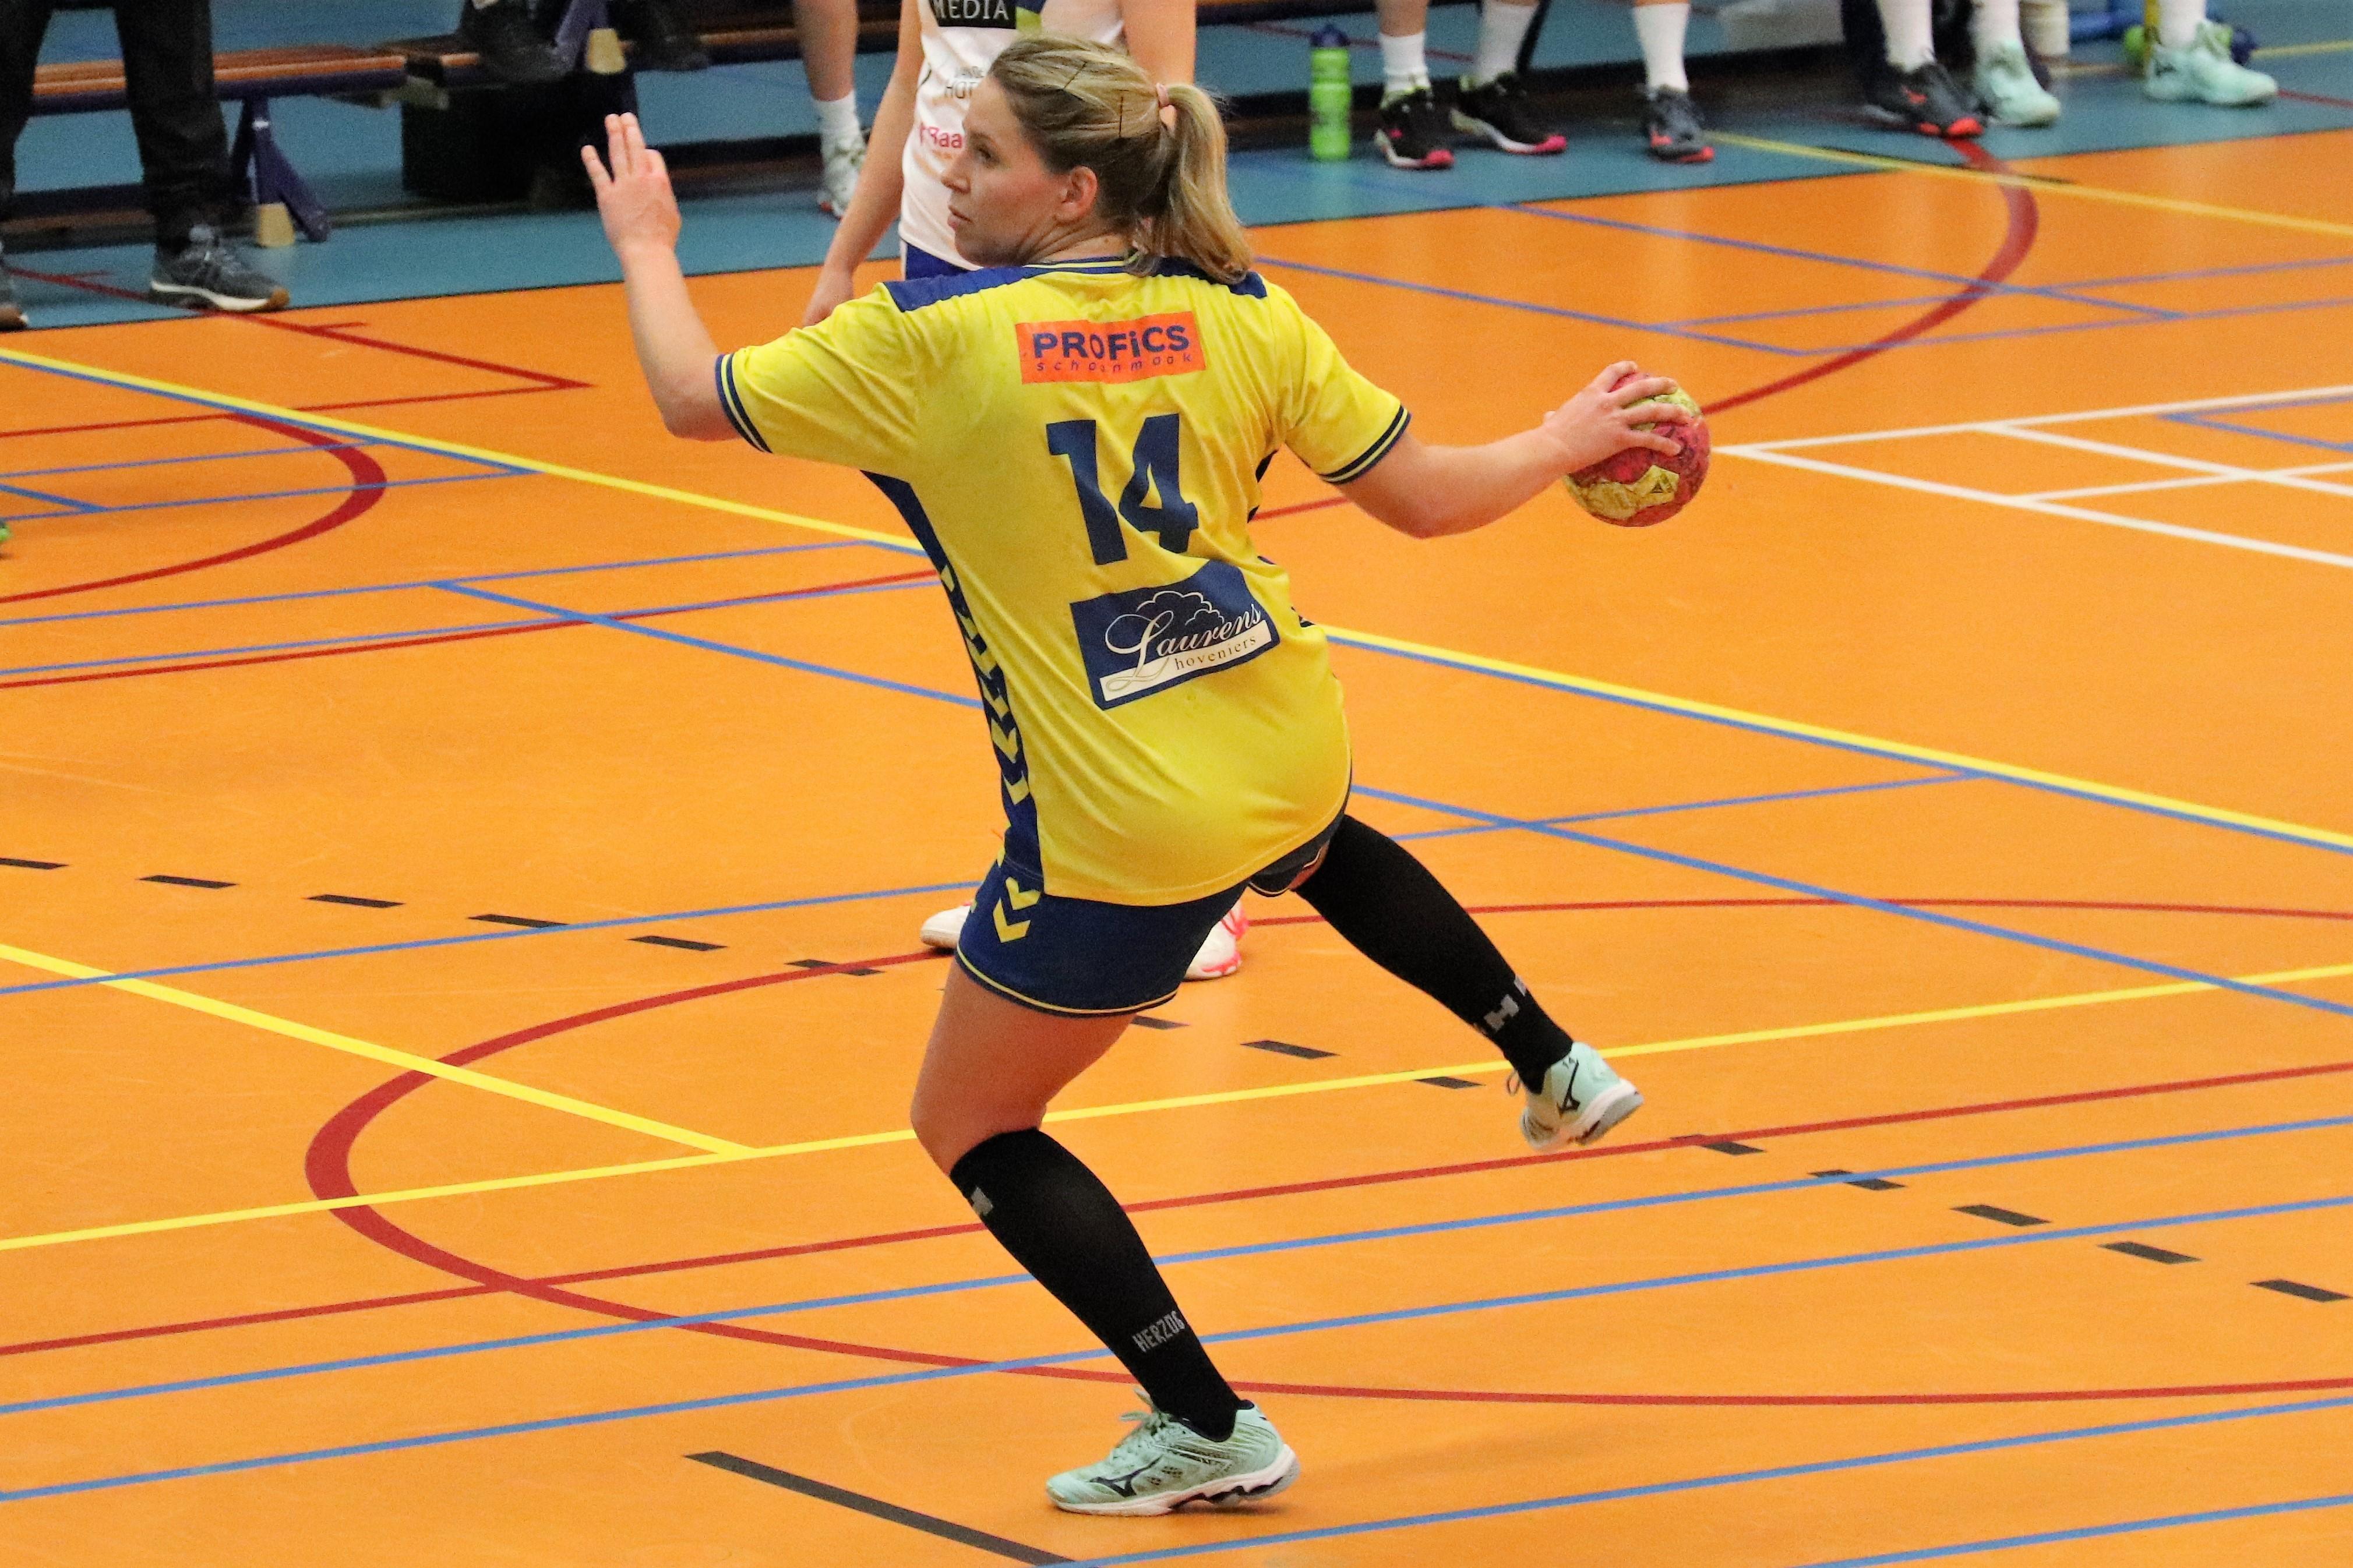 Vrouwen van Borhave geplaatst voor de kampioenspoule